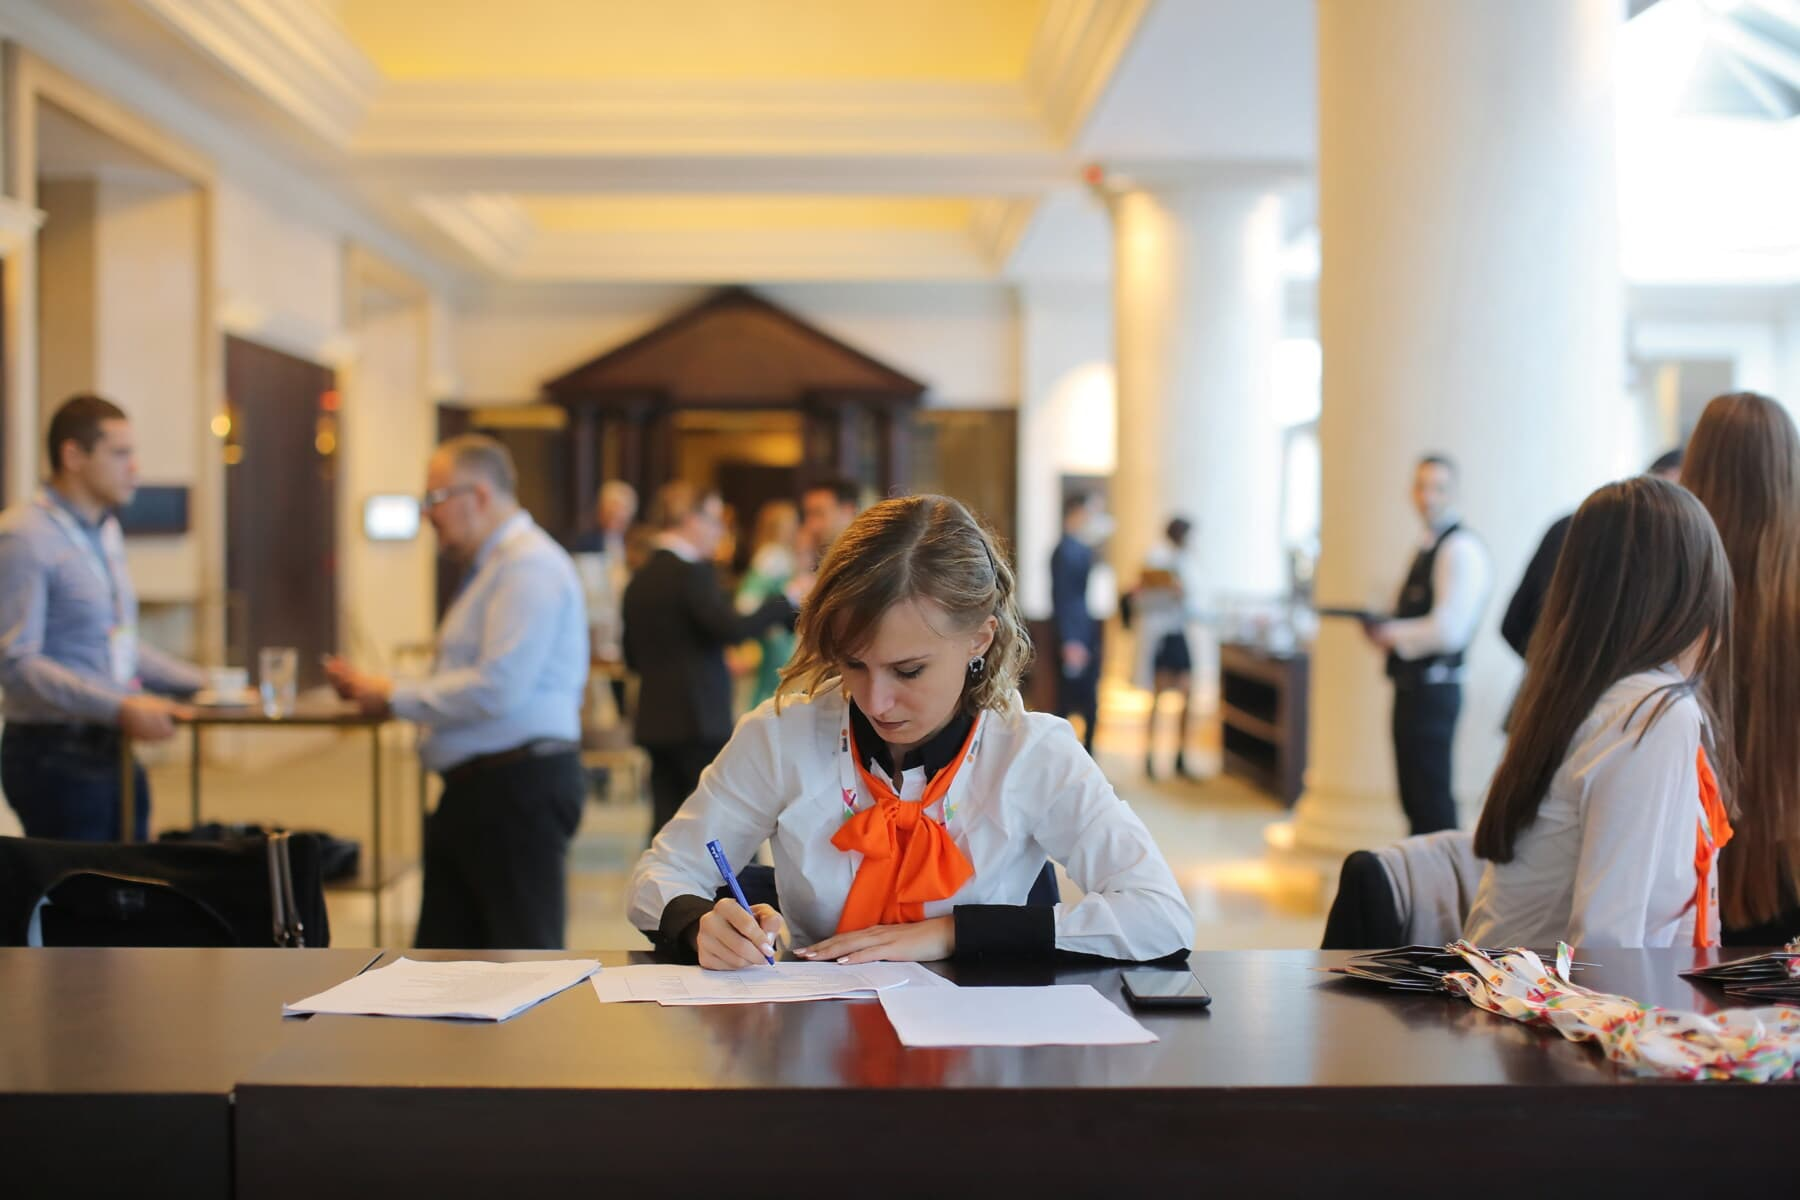 Sekretärin, Empfang, Schreibtisch, Hotel, Mitarbeiter, Servicemann, Flur, Mann, Frau, drinnen